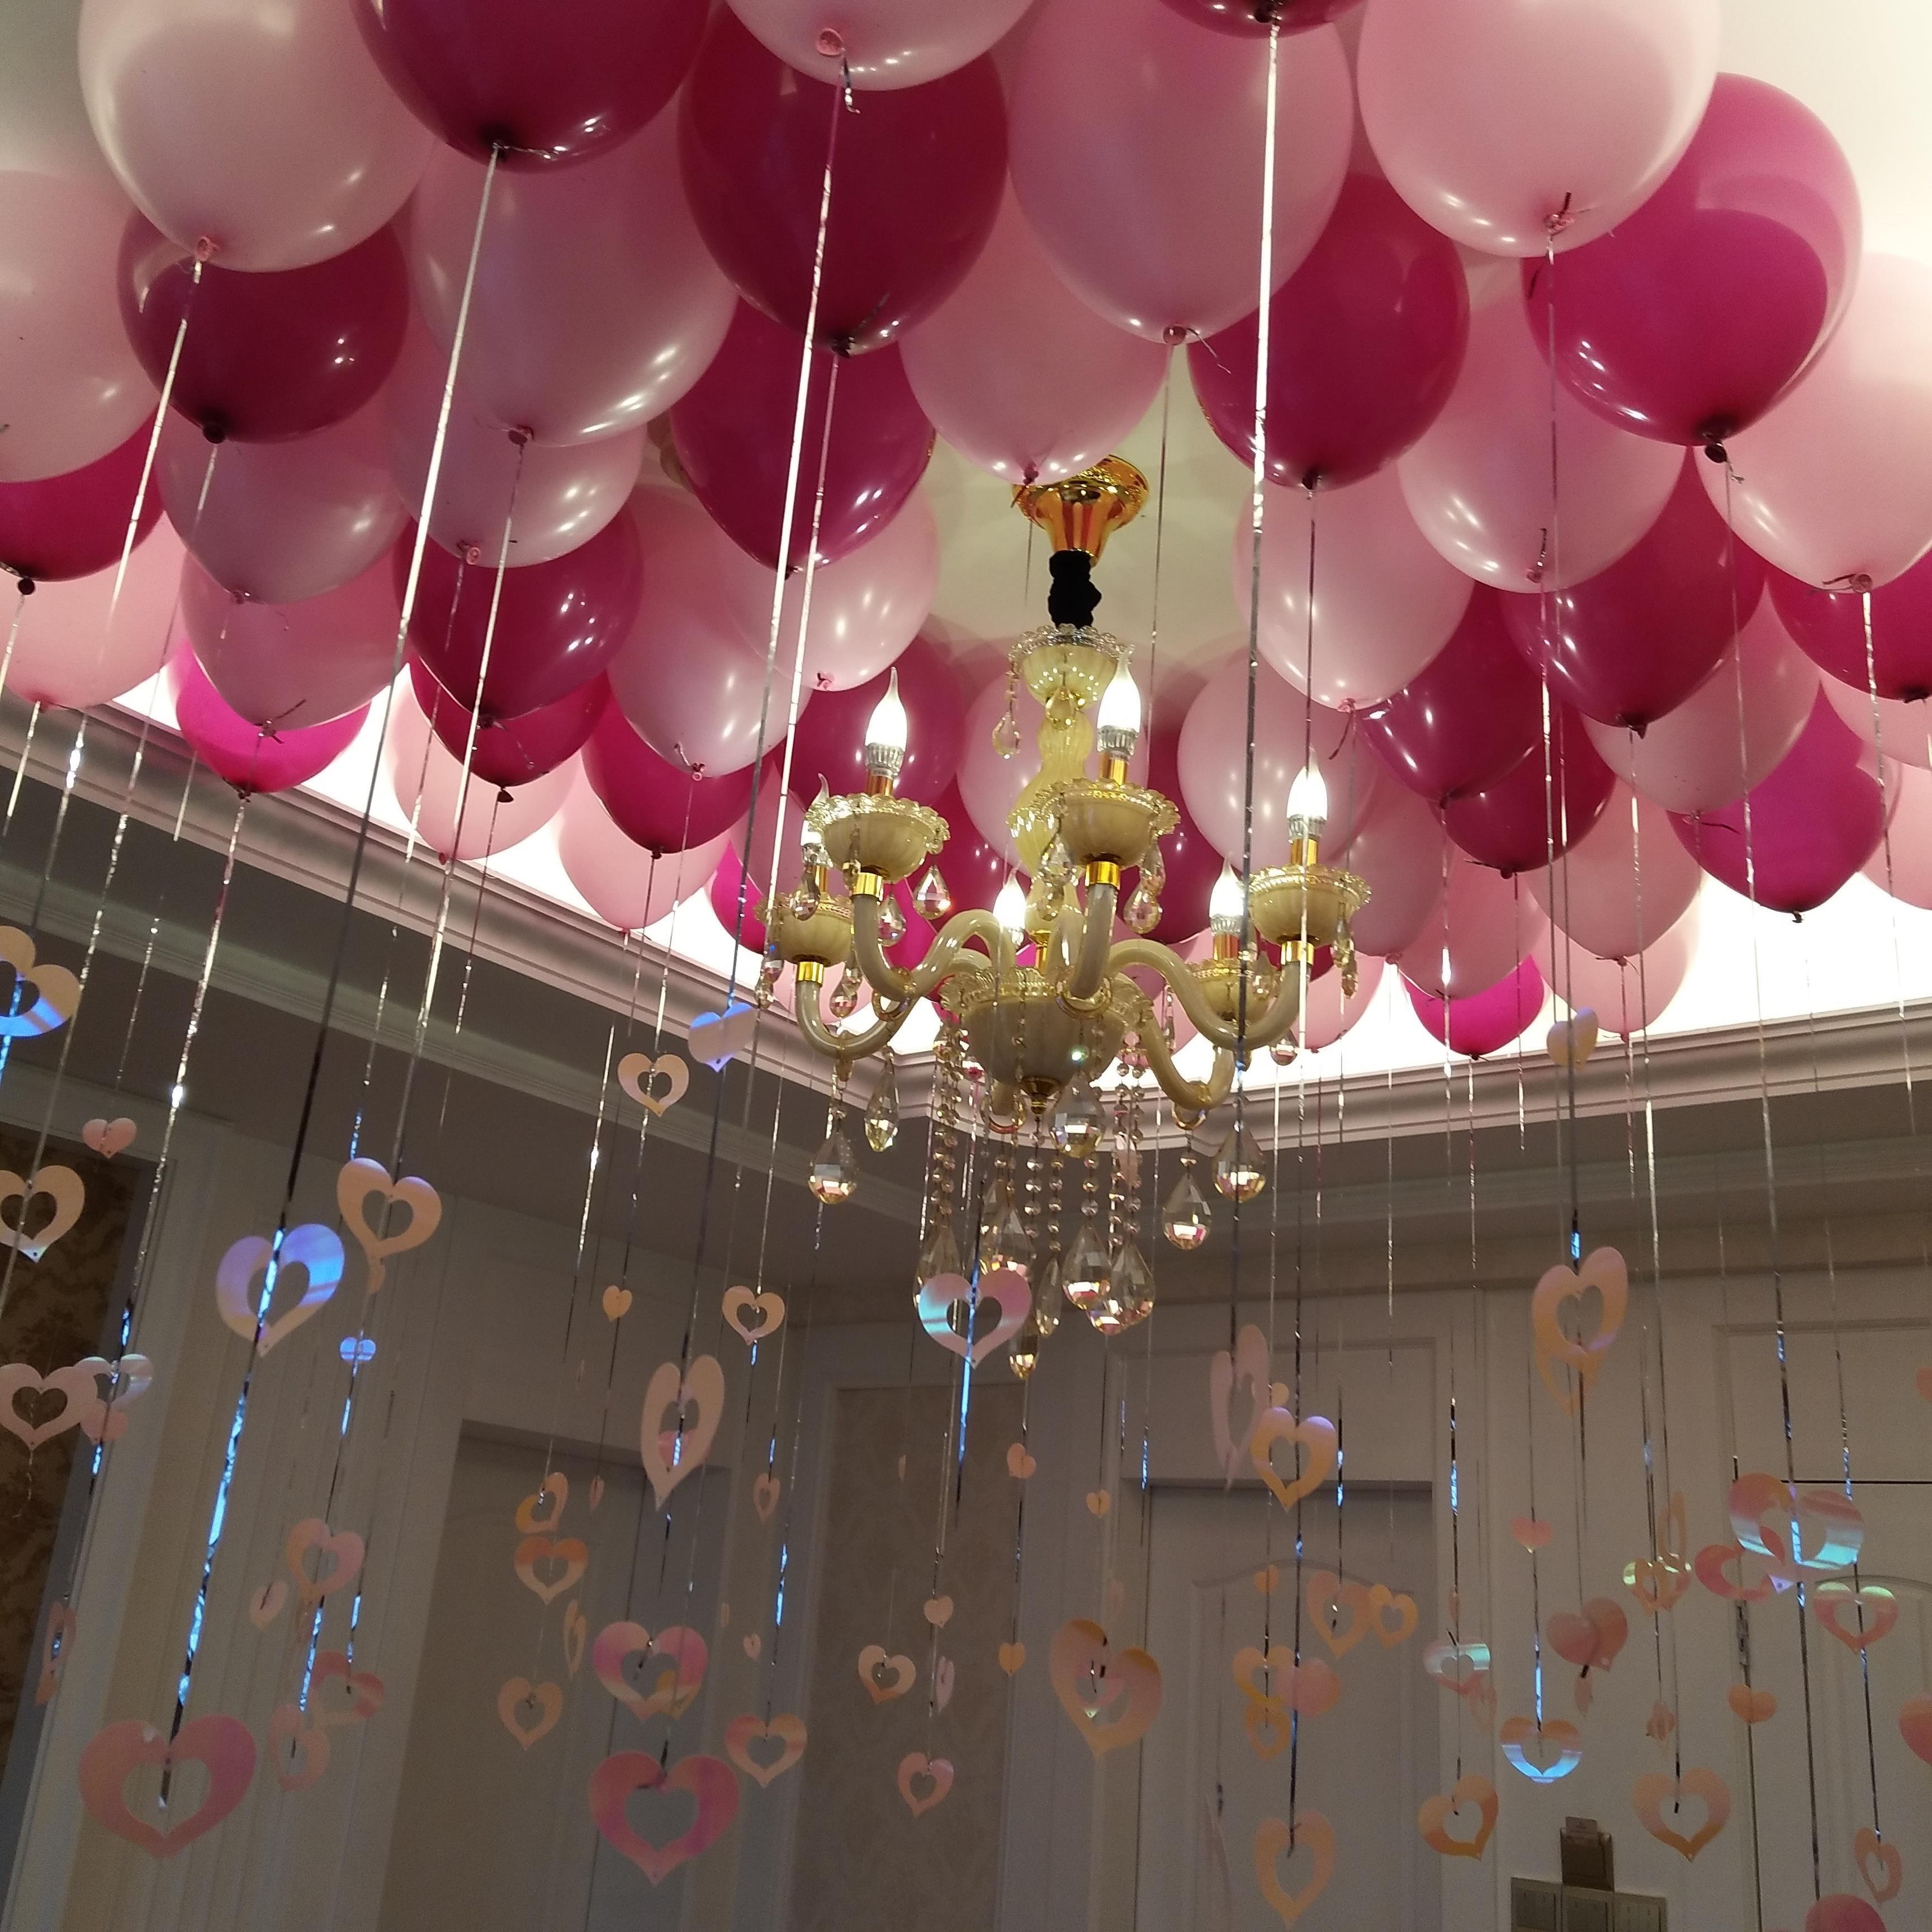 装饰品场景六一儿童节装饰气球百日挂饰彩色蛋糕百天宝宝布置生日